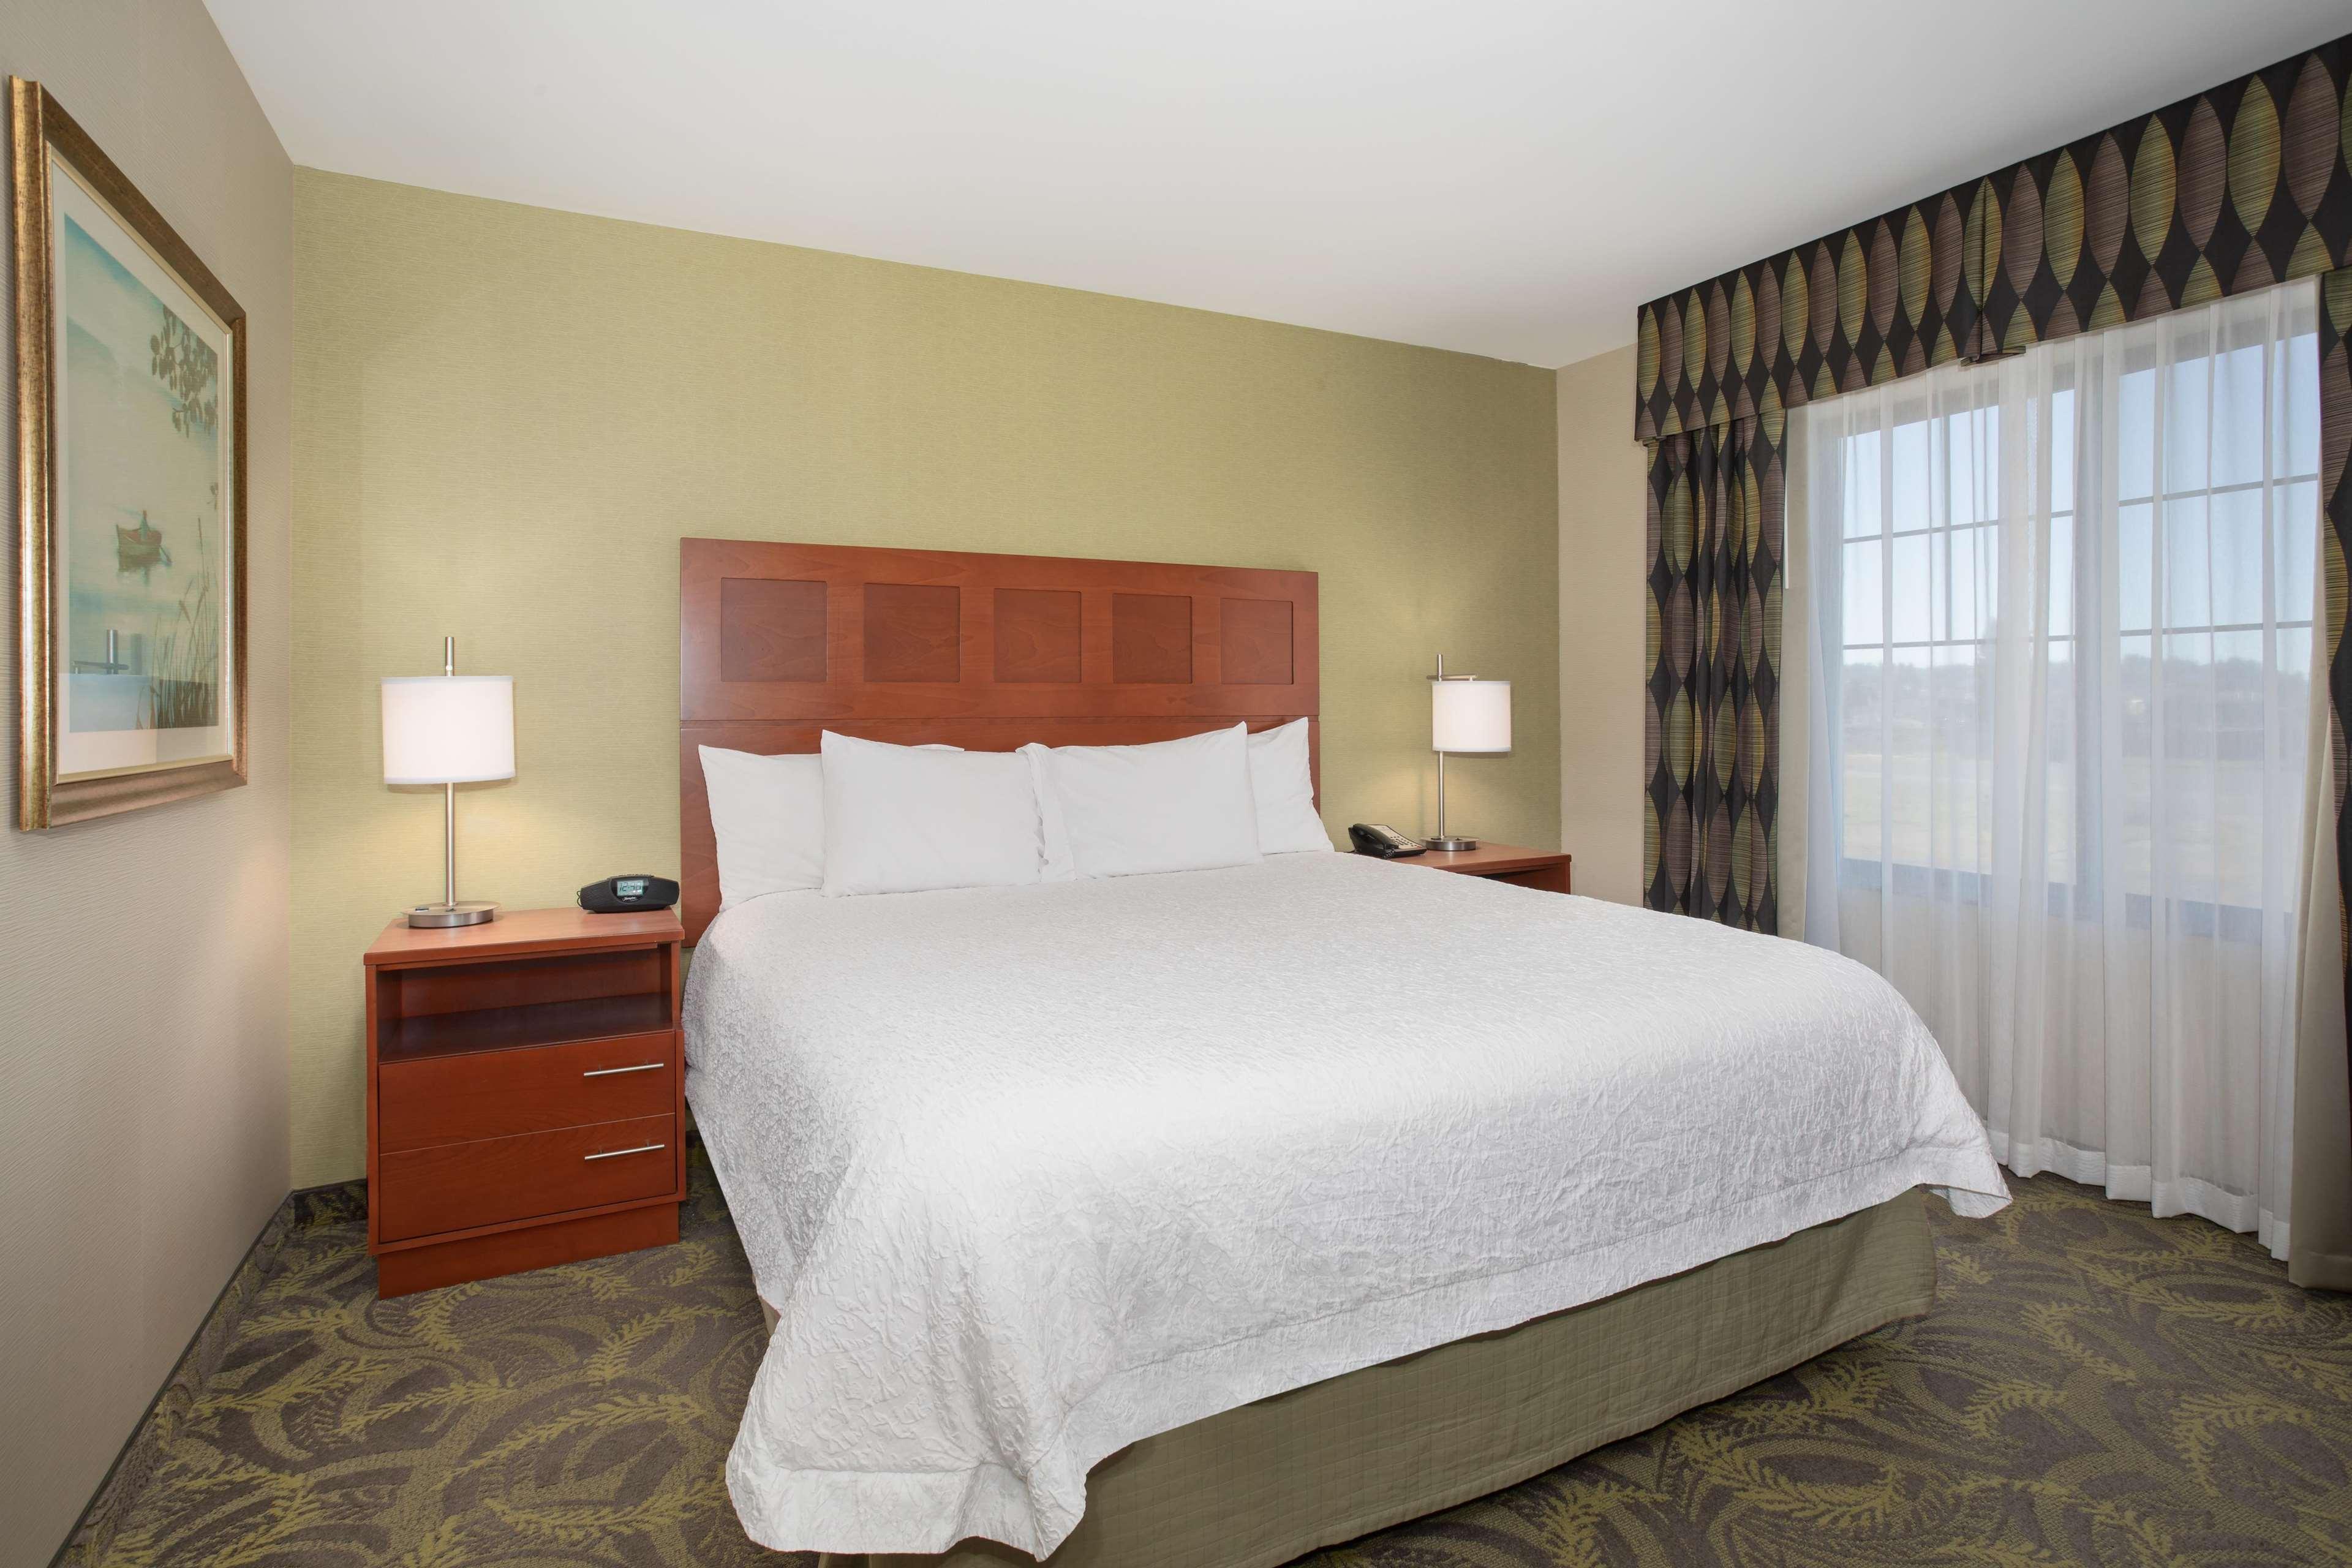 Hampton Inn & Suites Astoria image 30